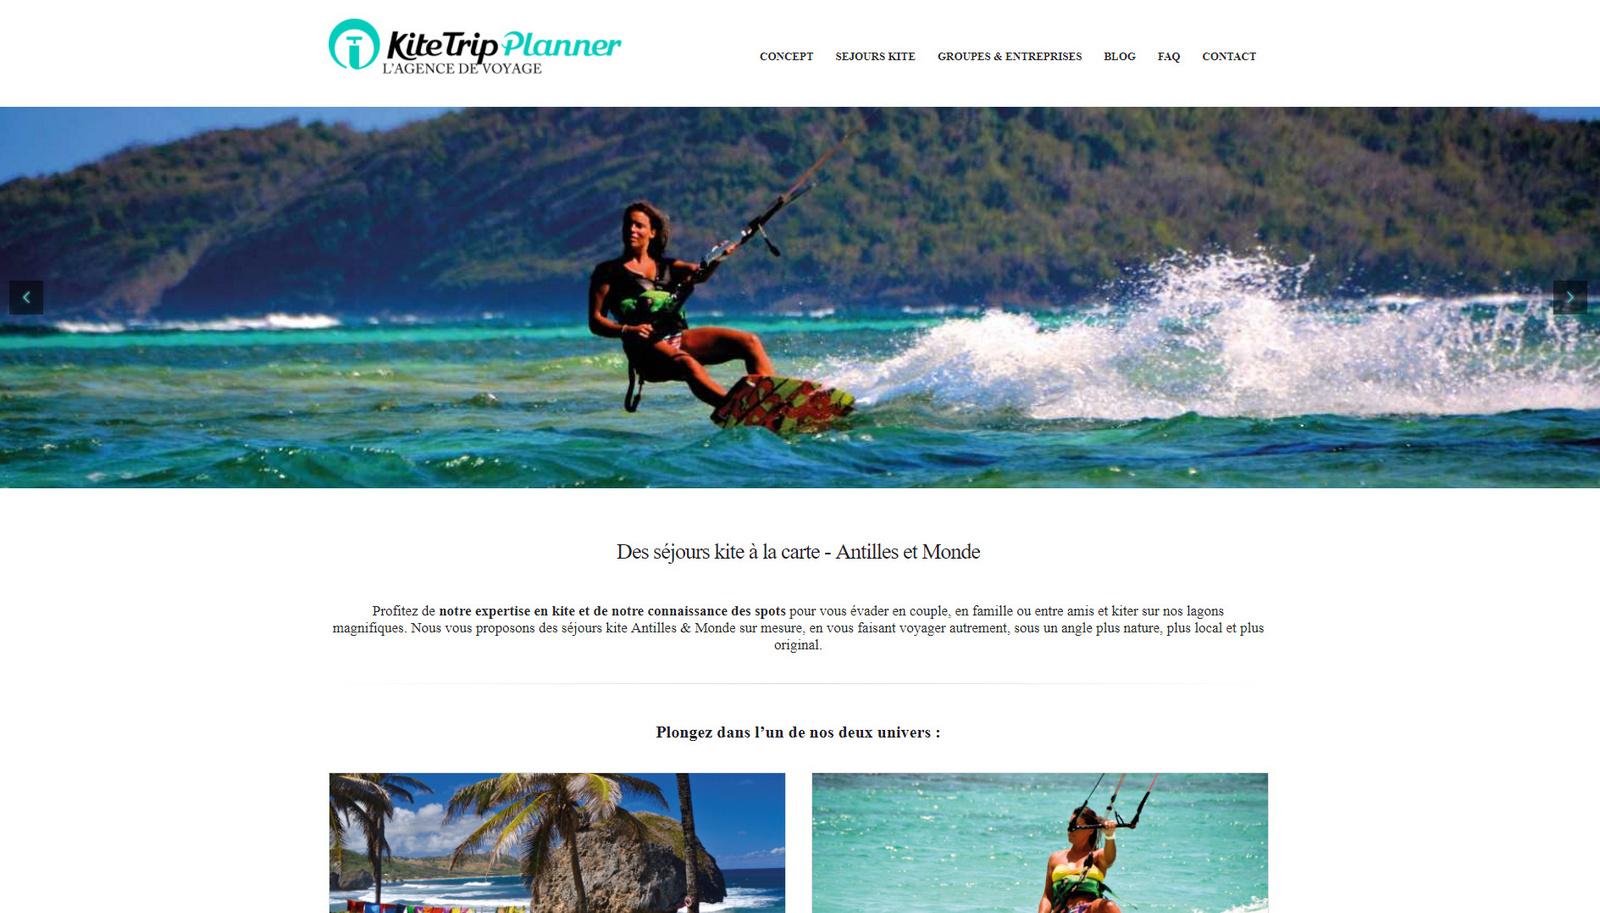 KiteTrip Planner pour les pros